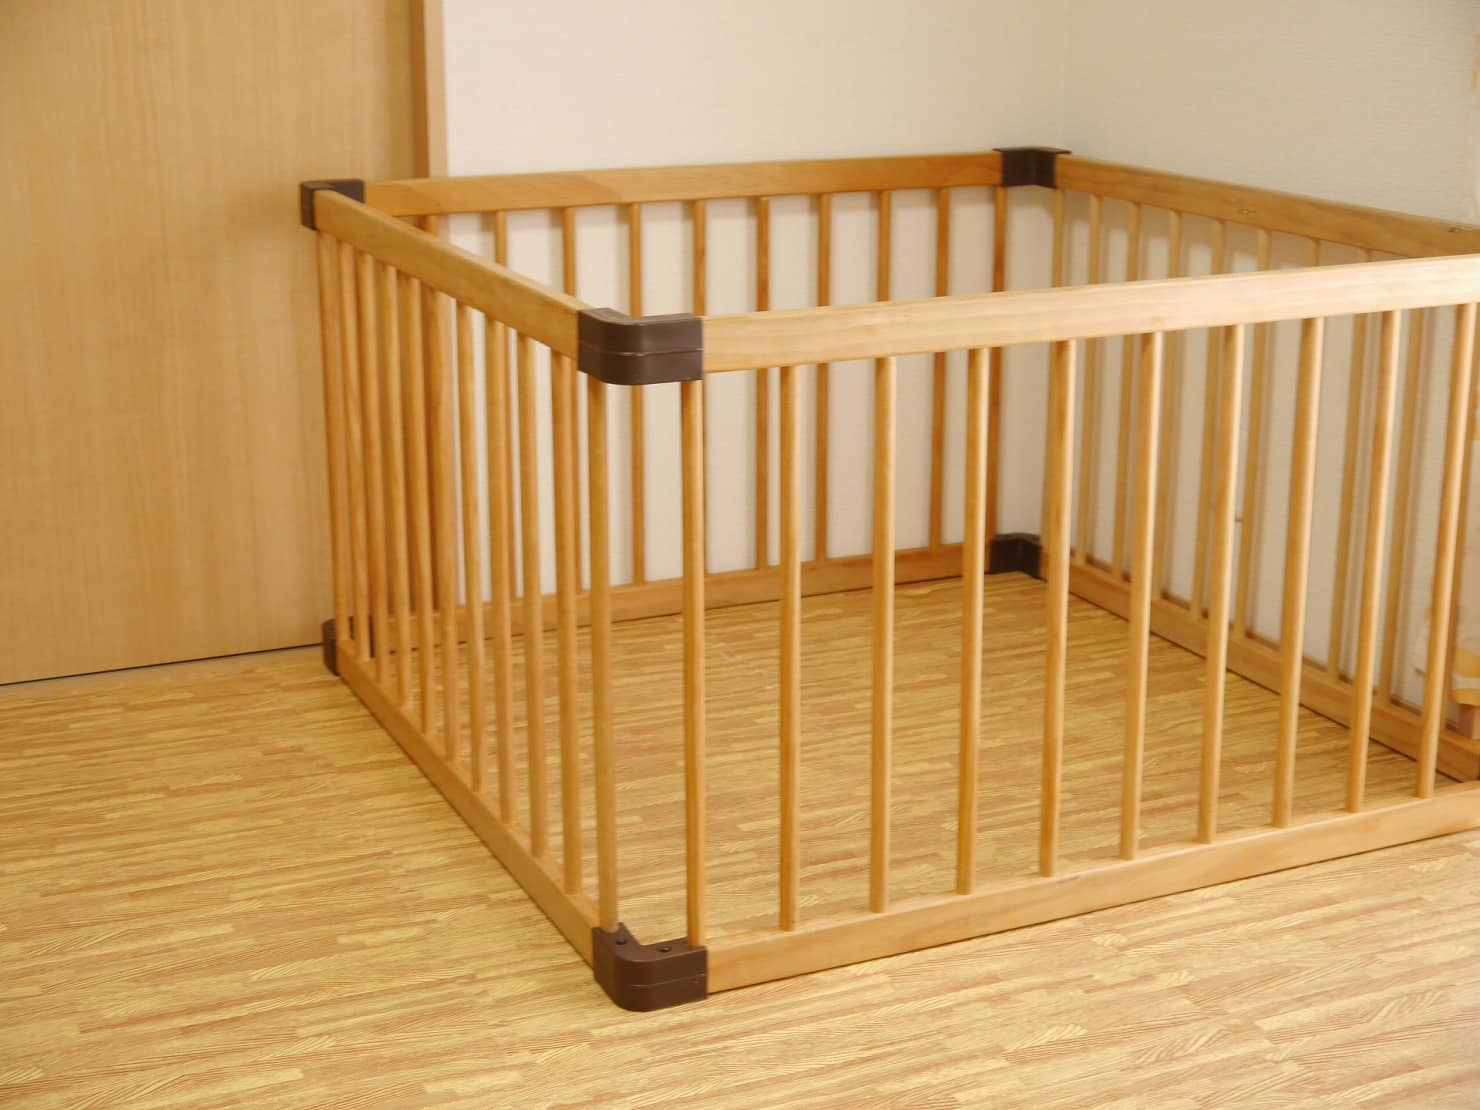 ベビーサークルって赤ちゃんの育児に必要? 中古や手作り品、代用品なども紹介